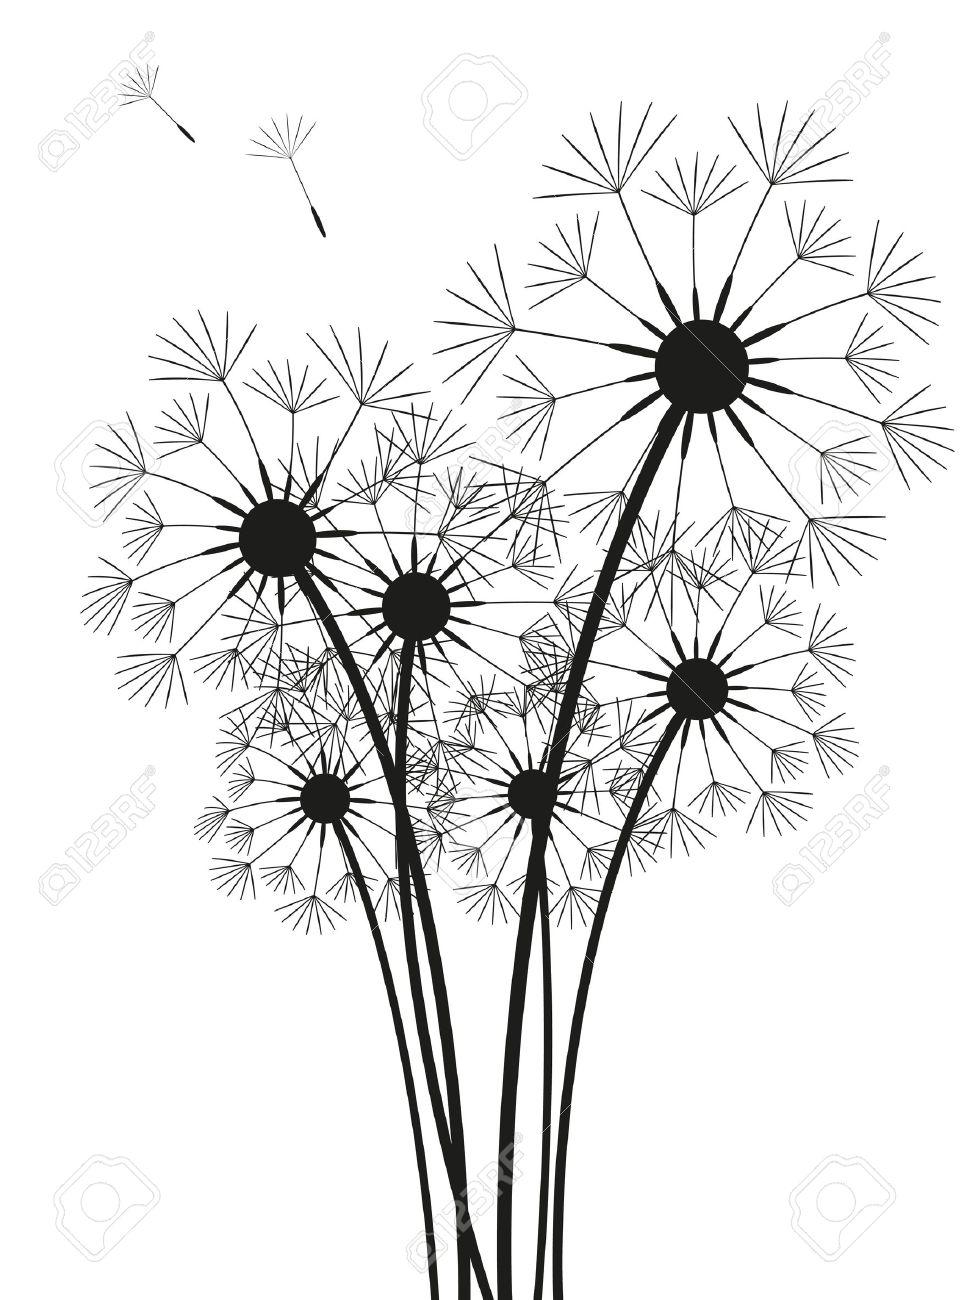 57 Gambar Bunga Dandelion